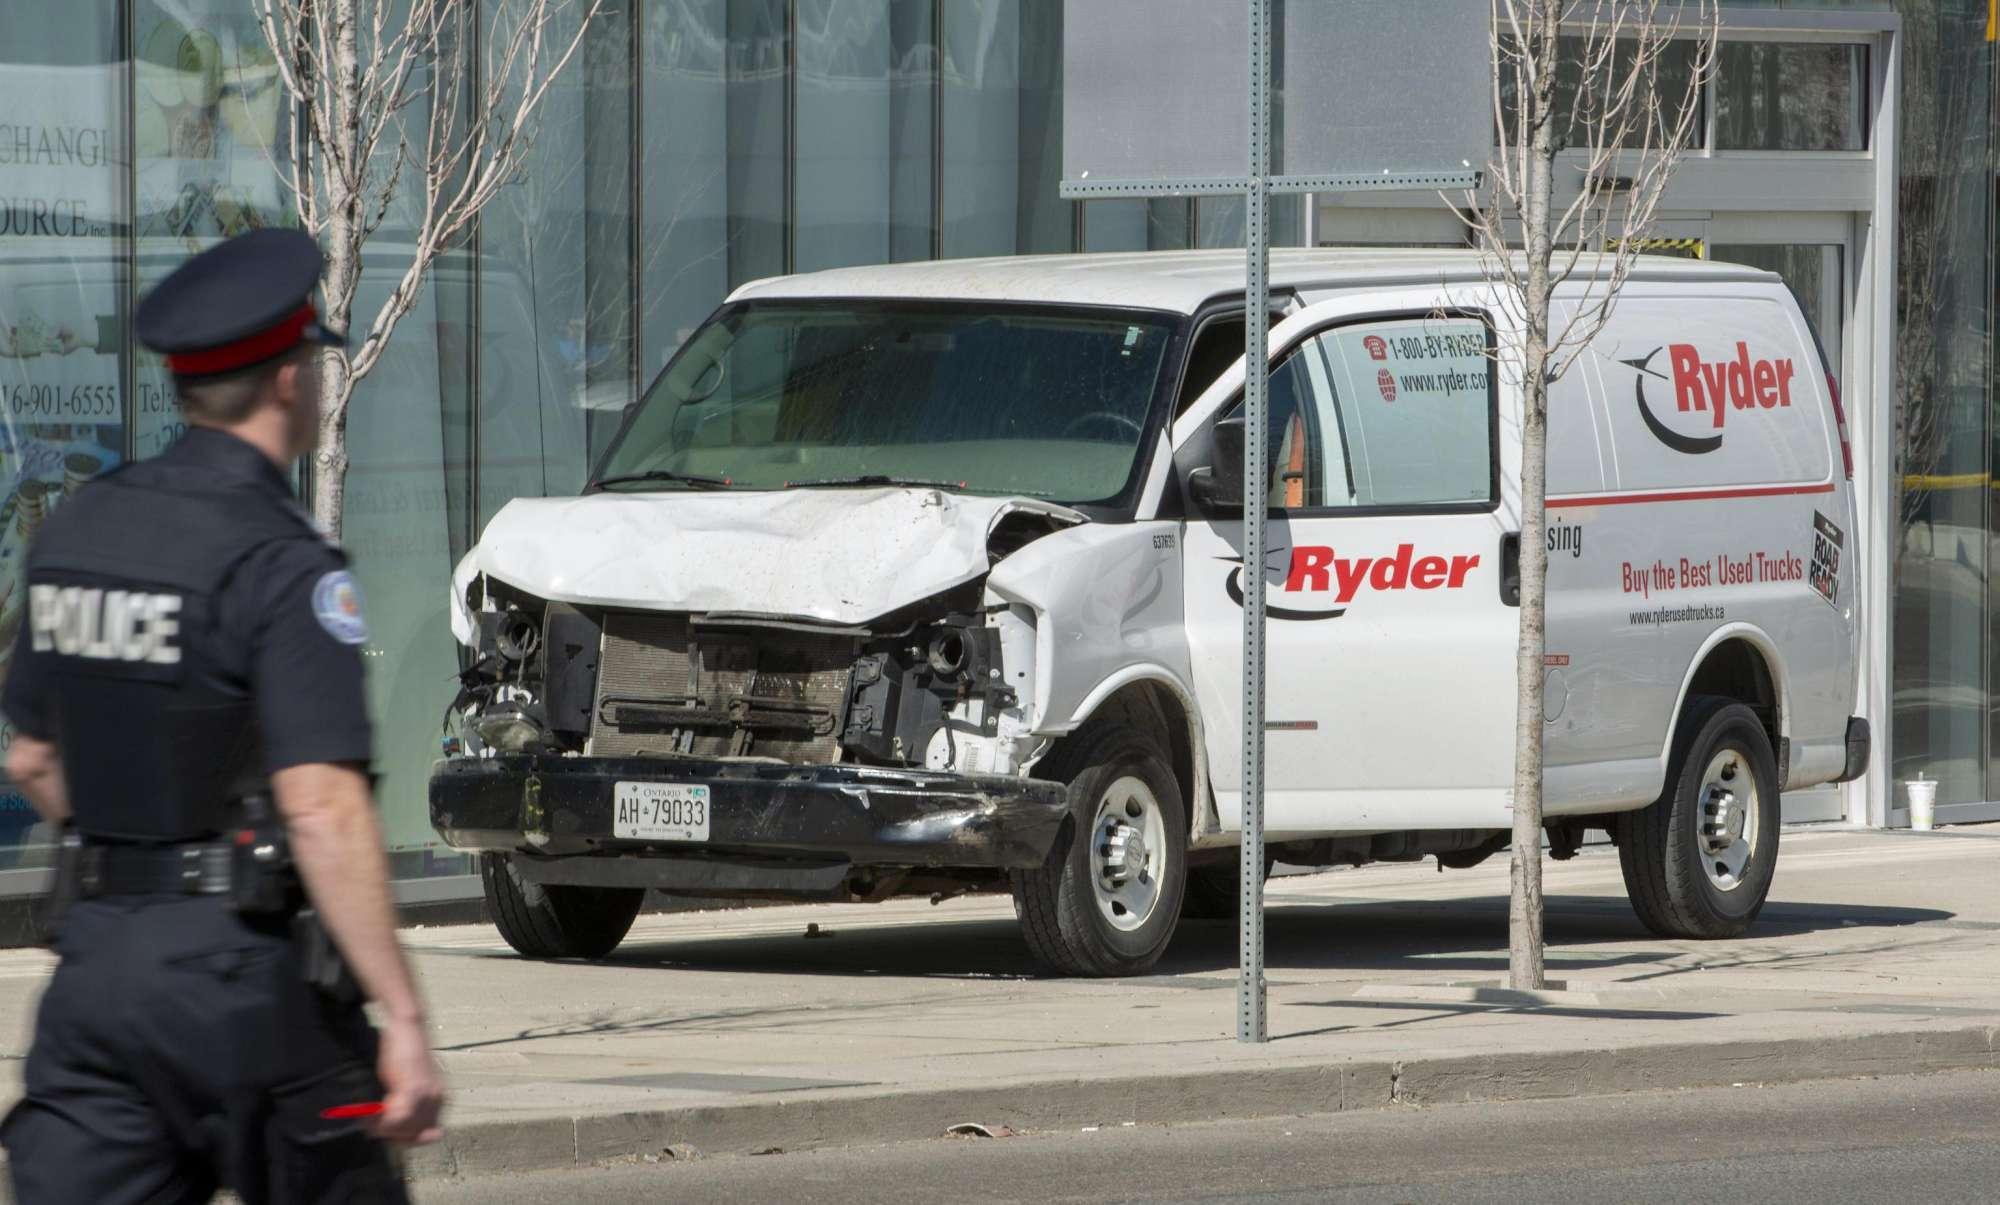 Furgone sui passanti a Toronto: 10 morti e 15 feriti, preso il guidatore